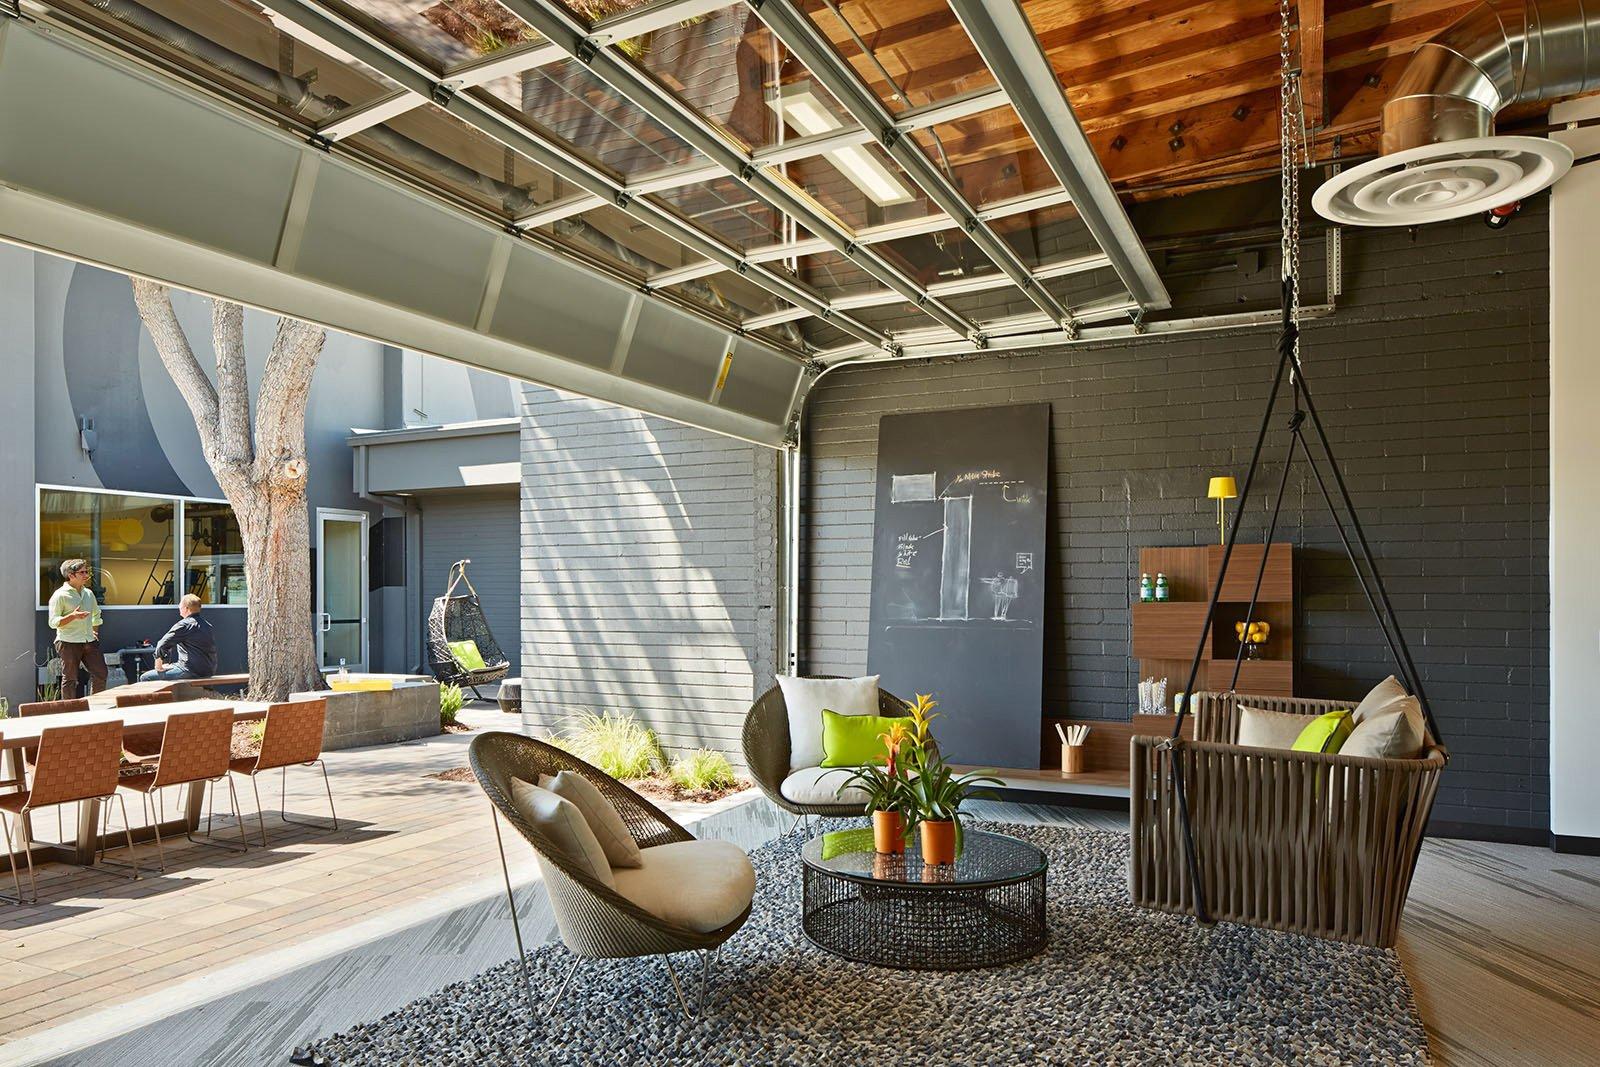 garage re-imagine by Shawn Woznicki